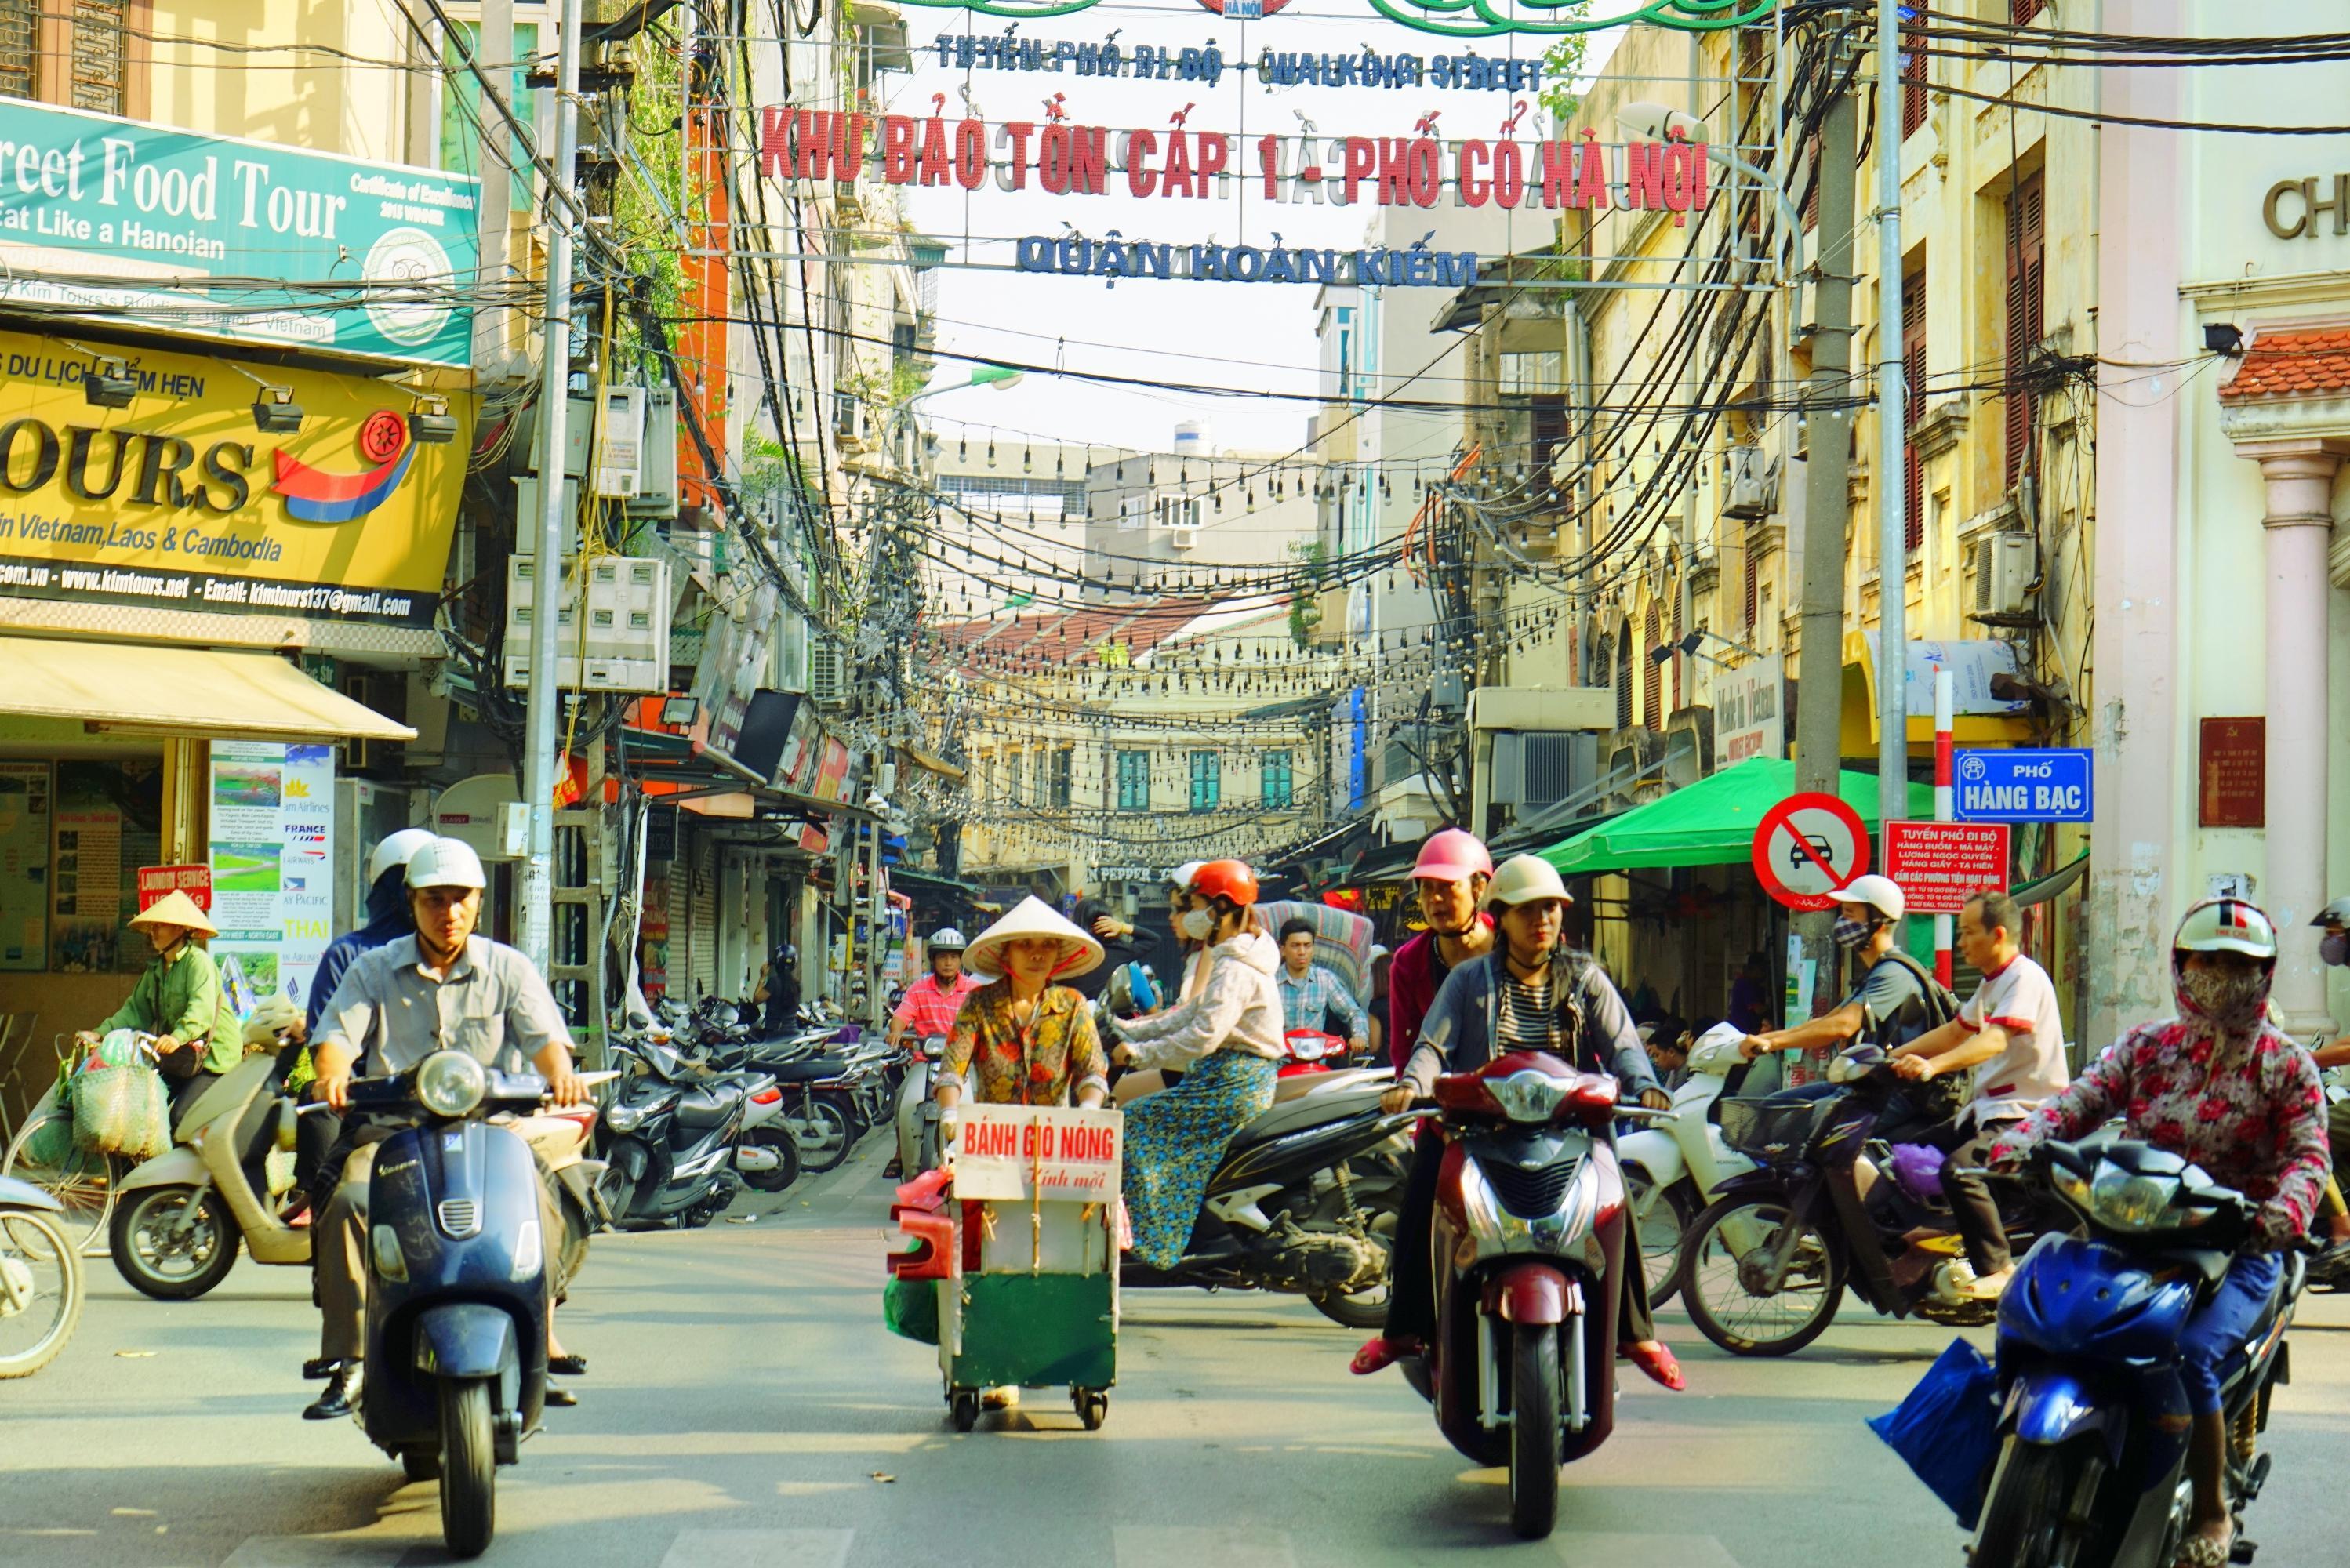 36 Pho Phuong